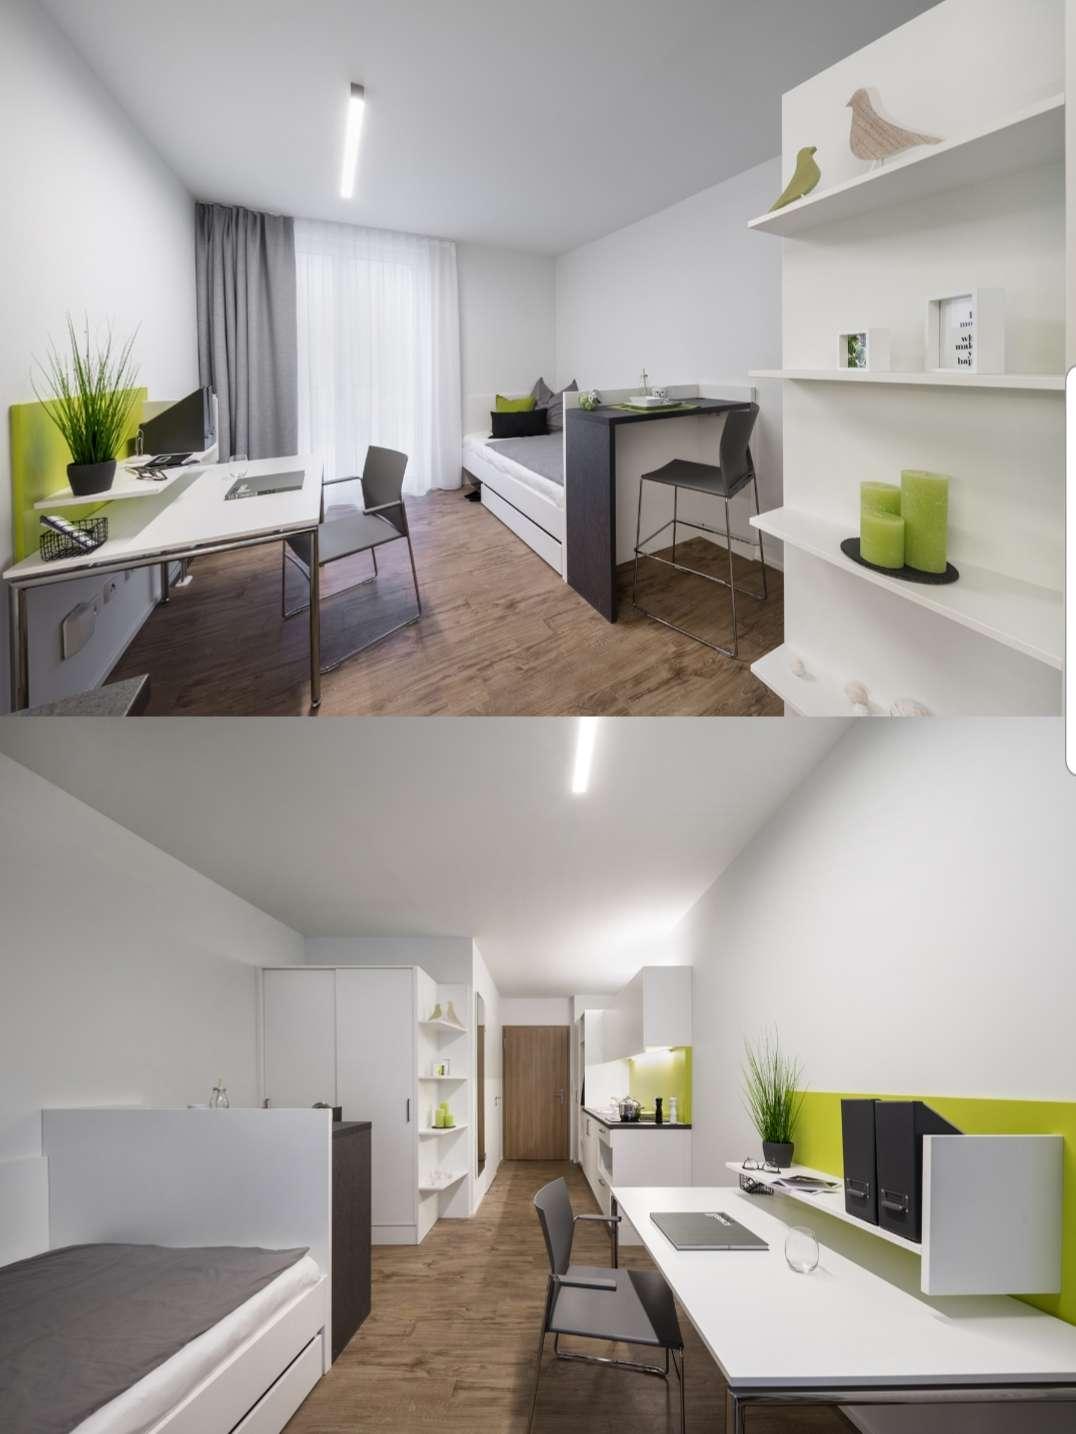 Nachmieter gesucht - Apartment nur für Studenten im schönen 522 in